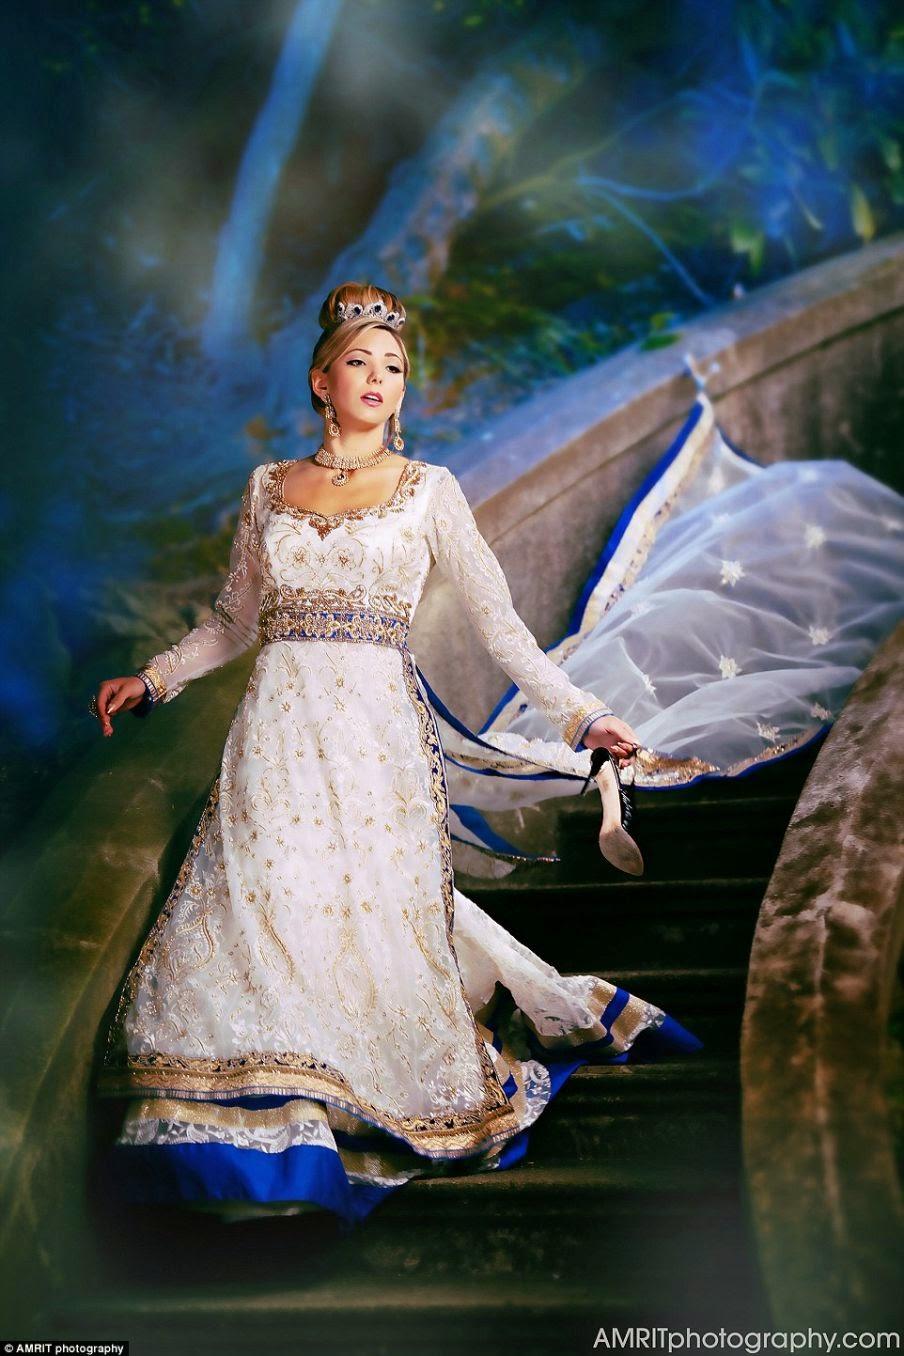 The vision behind Cinderella was Annie Leibovitz's shot.